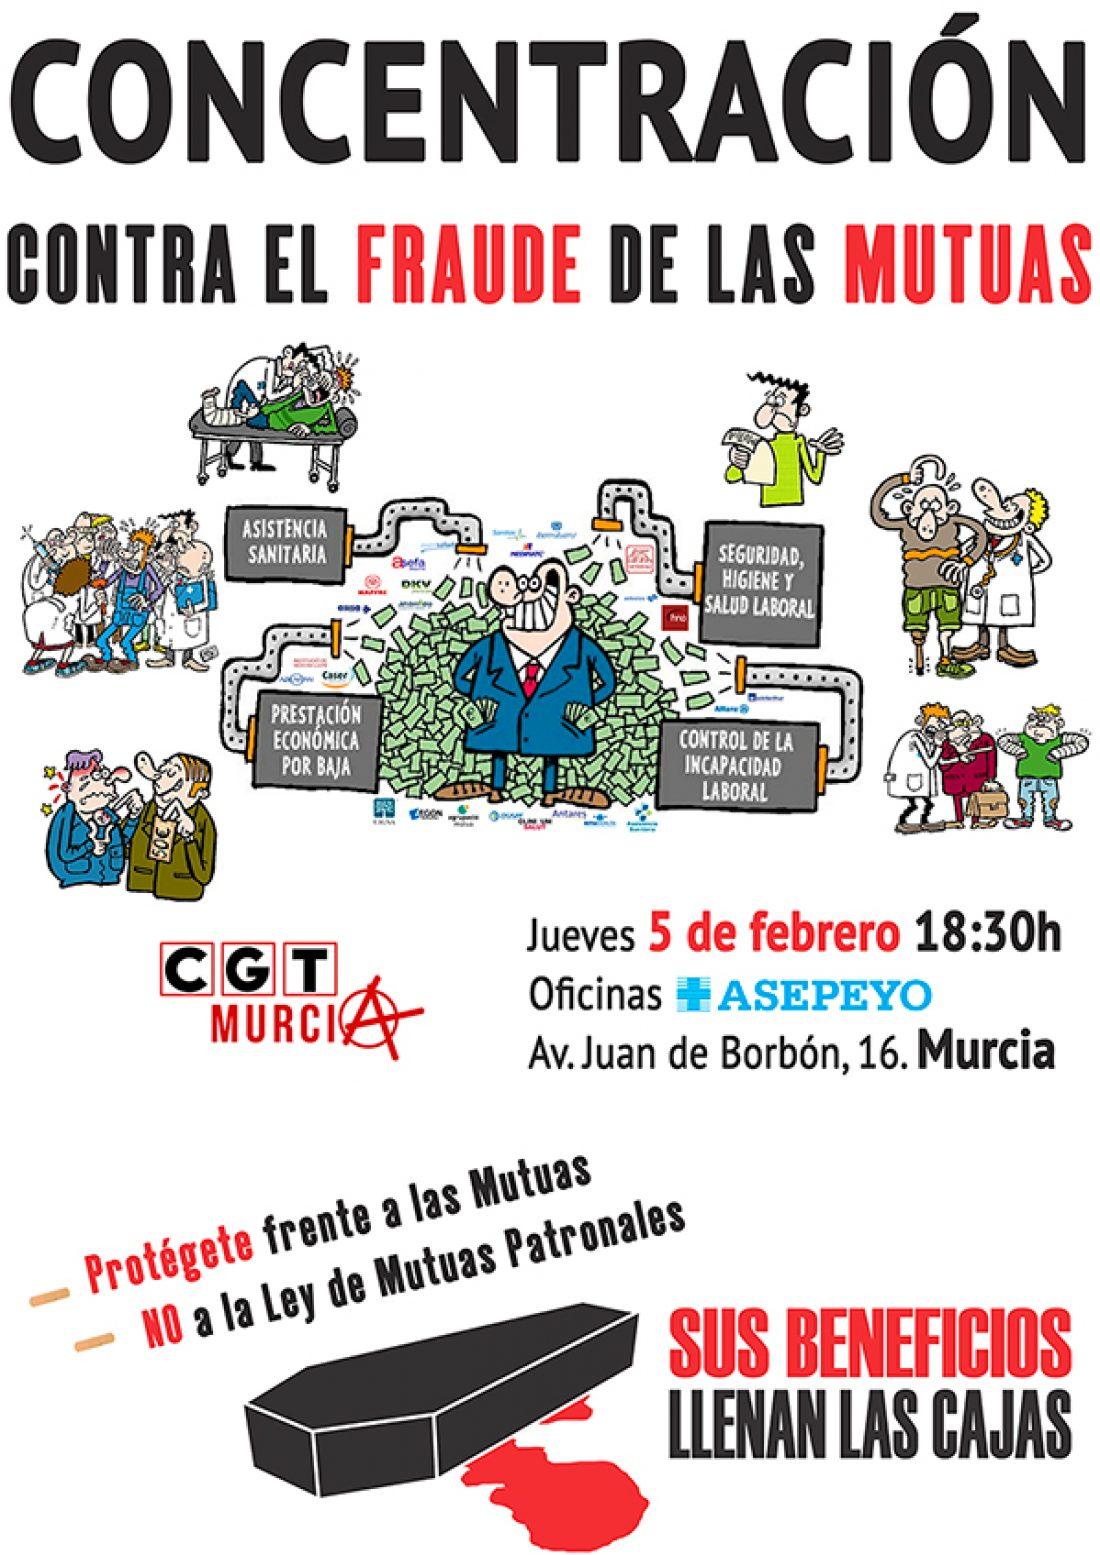 La CGT de Murcia gana un juicio a la Mutua Asepeyo.